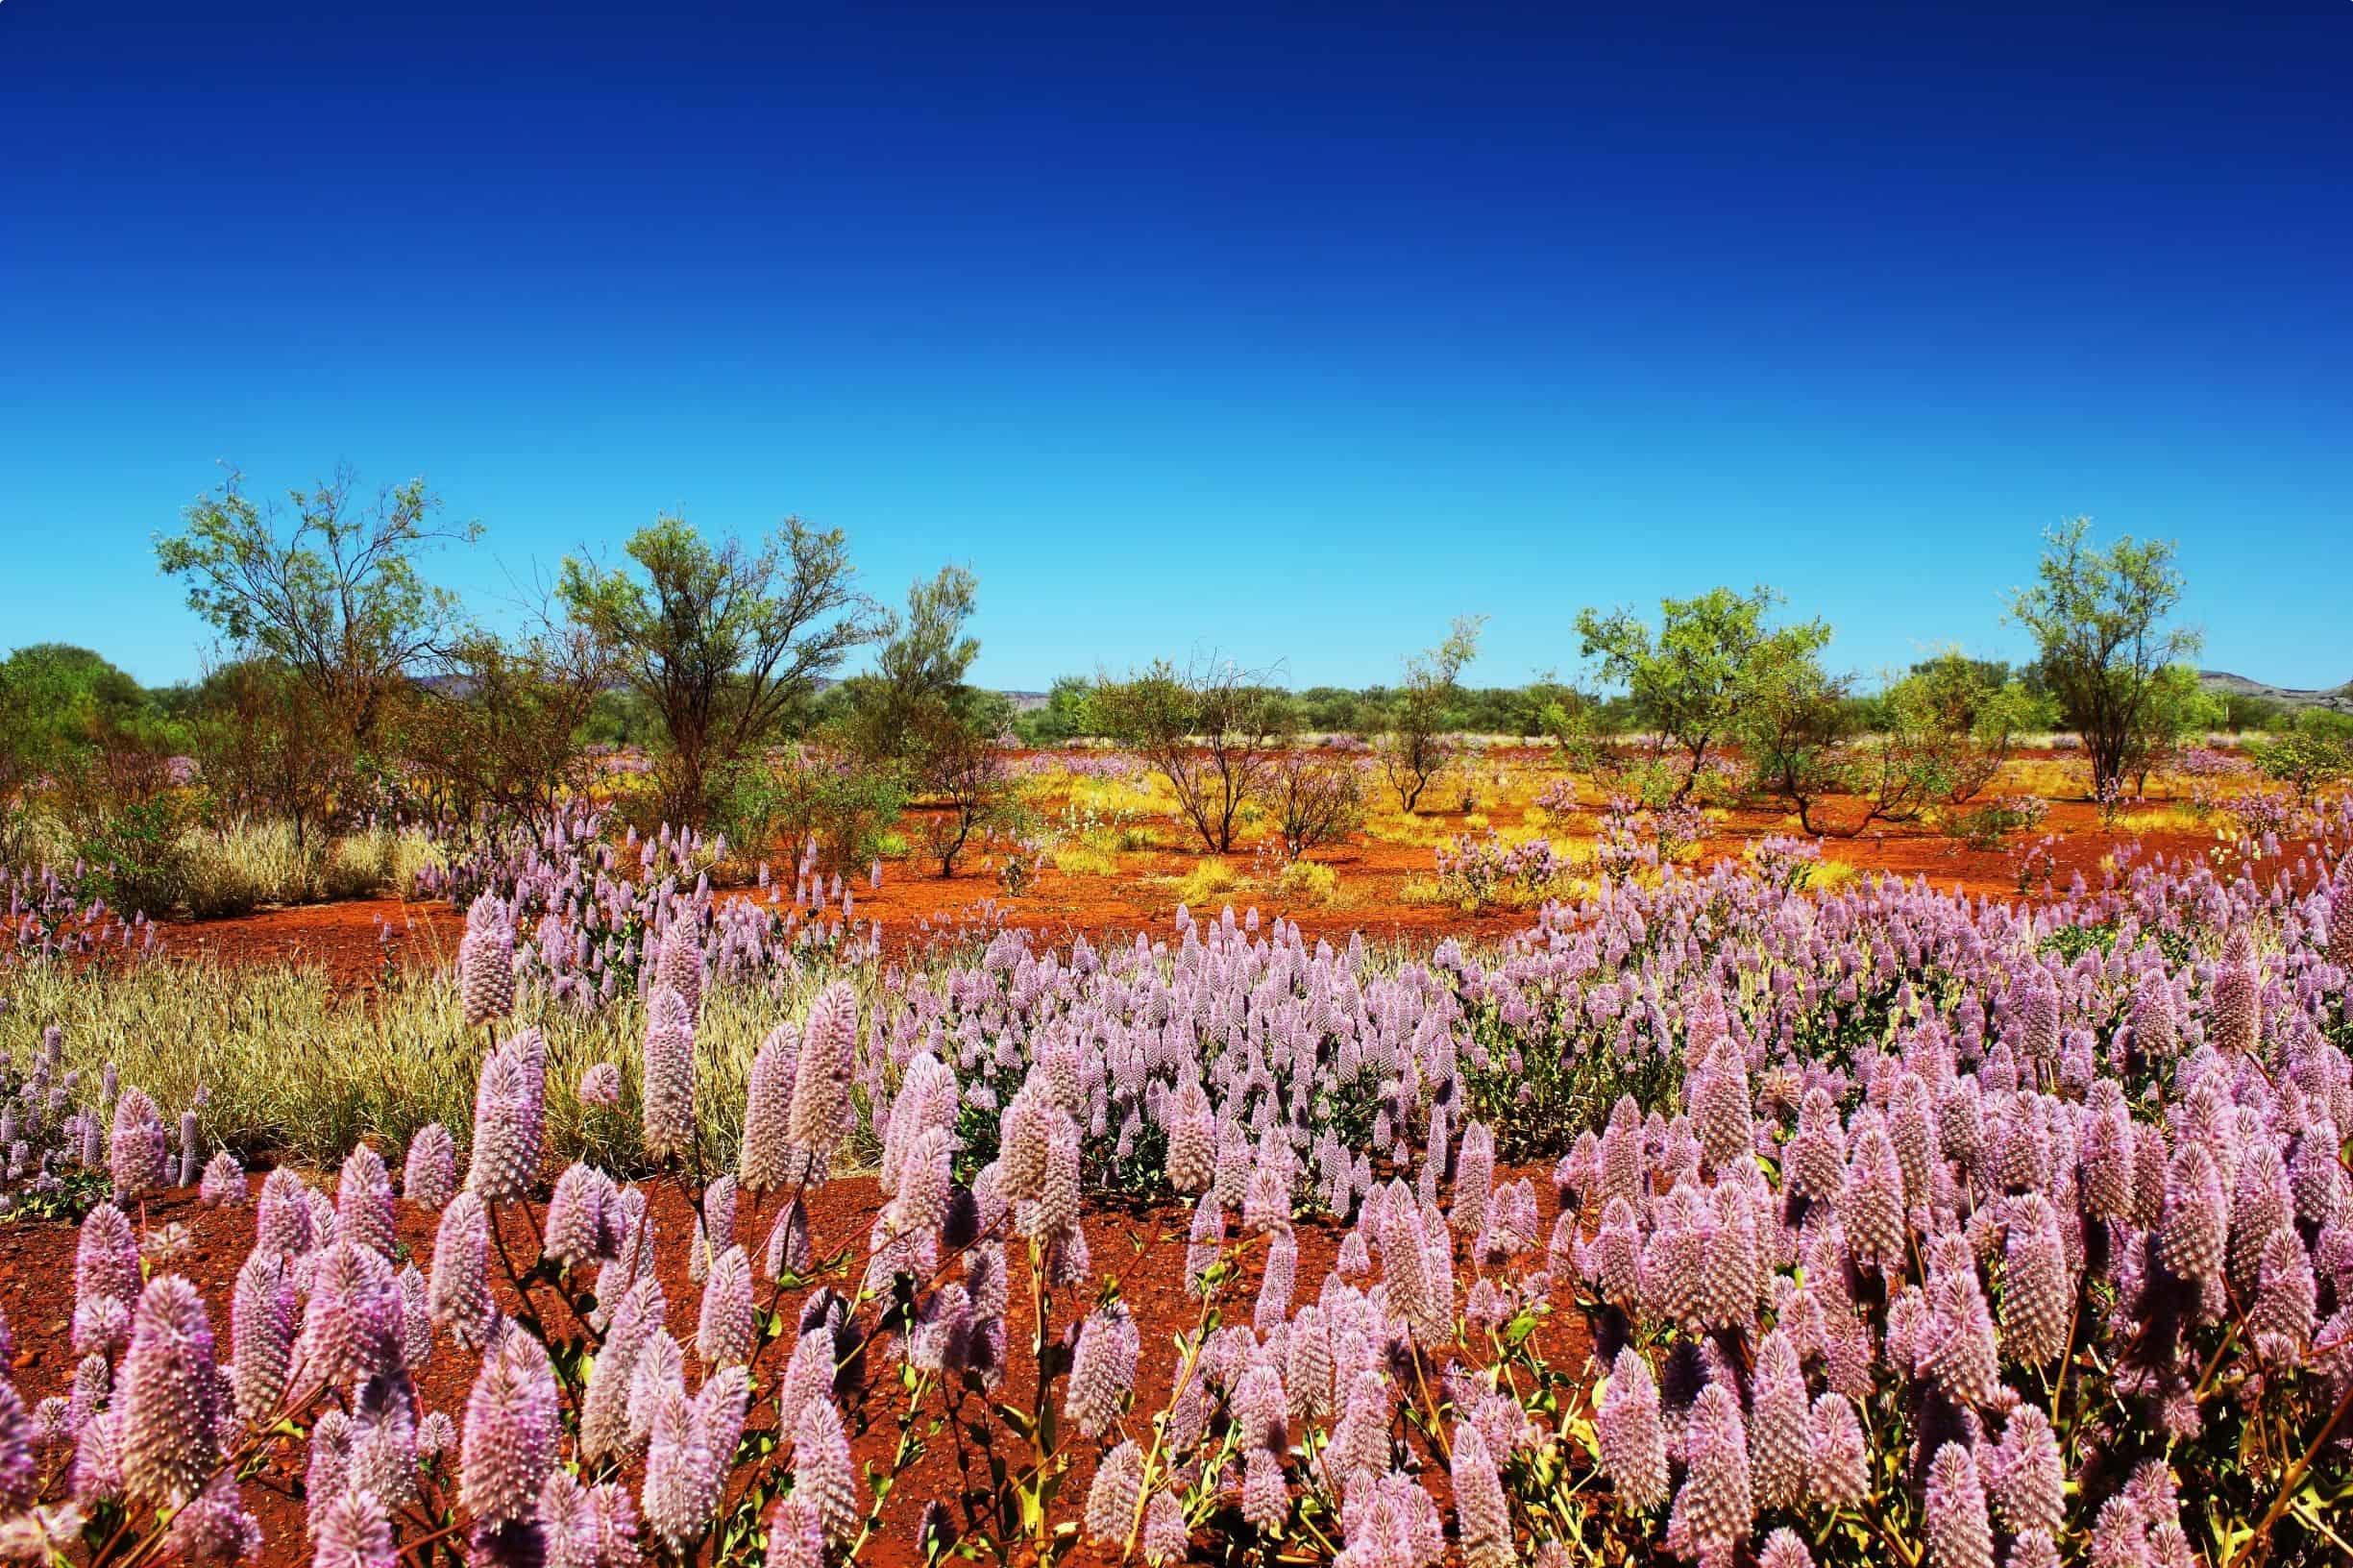 Pilbara wildflowers